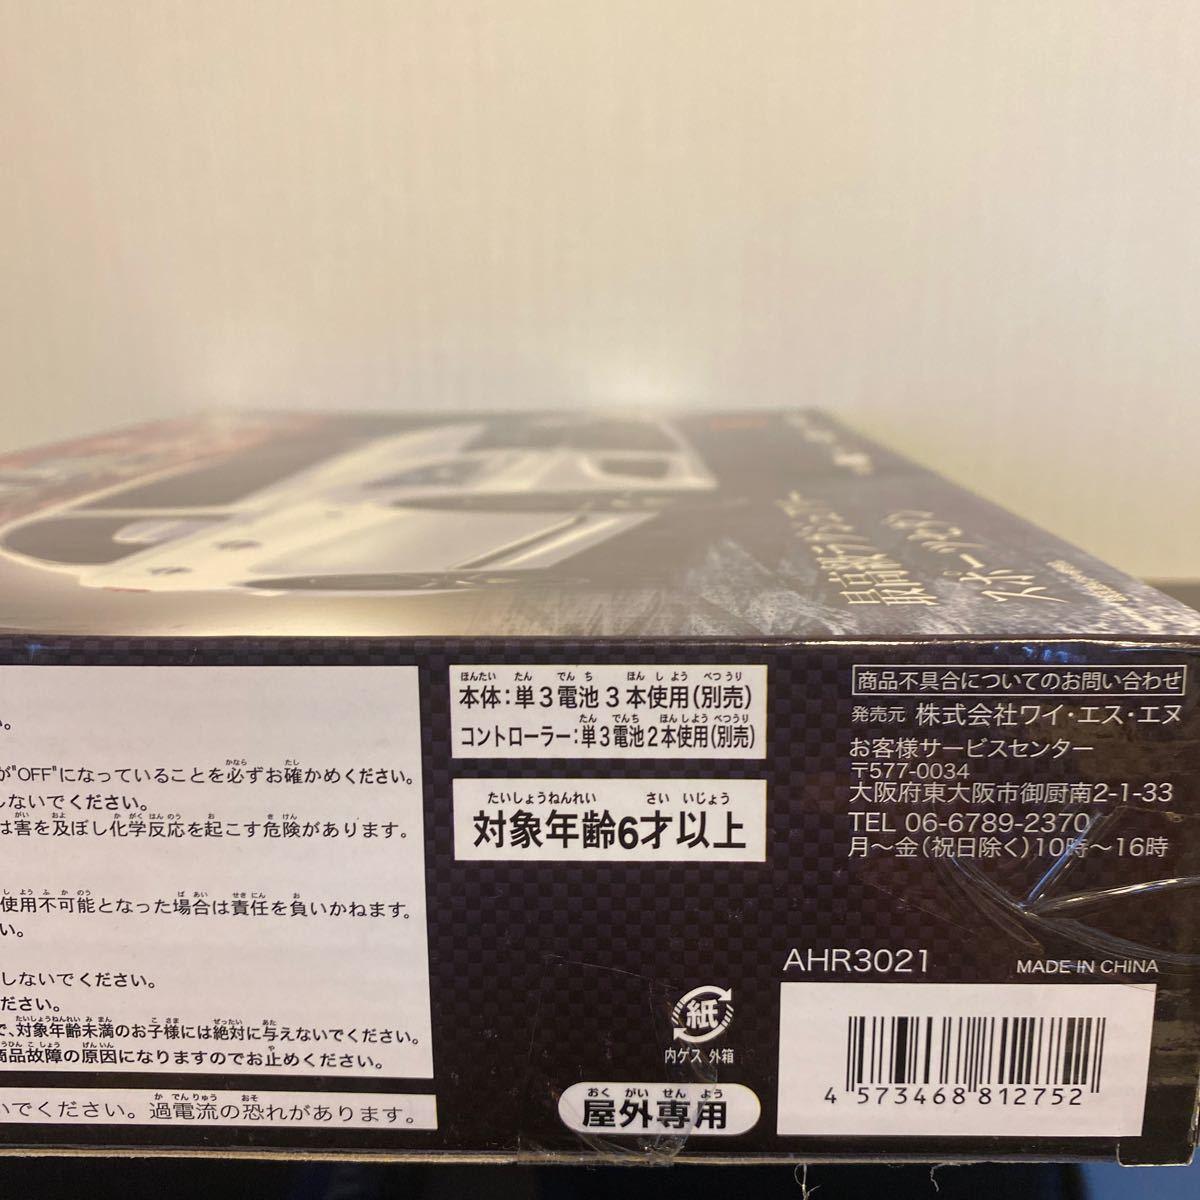 ラジコン LEXUS 新品未使用未開封 黒